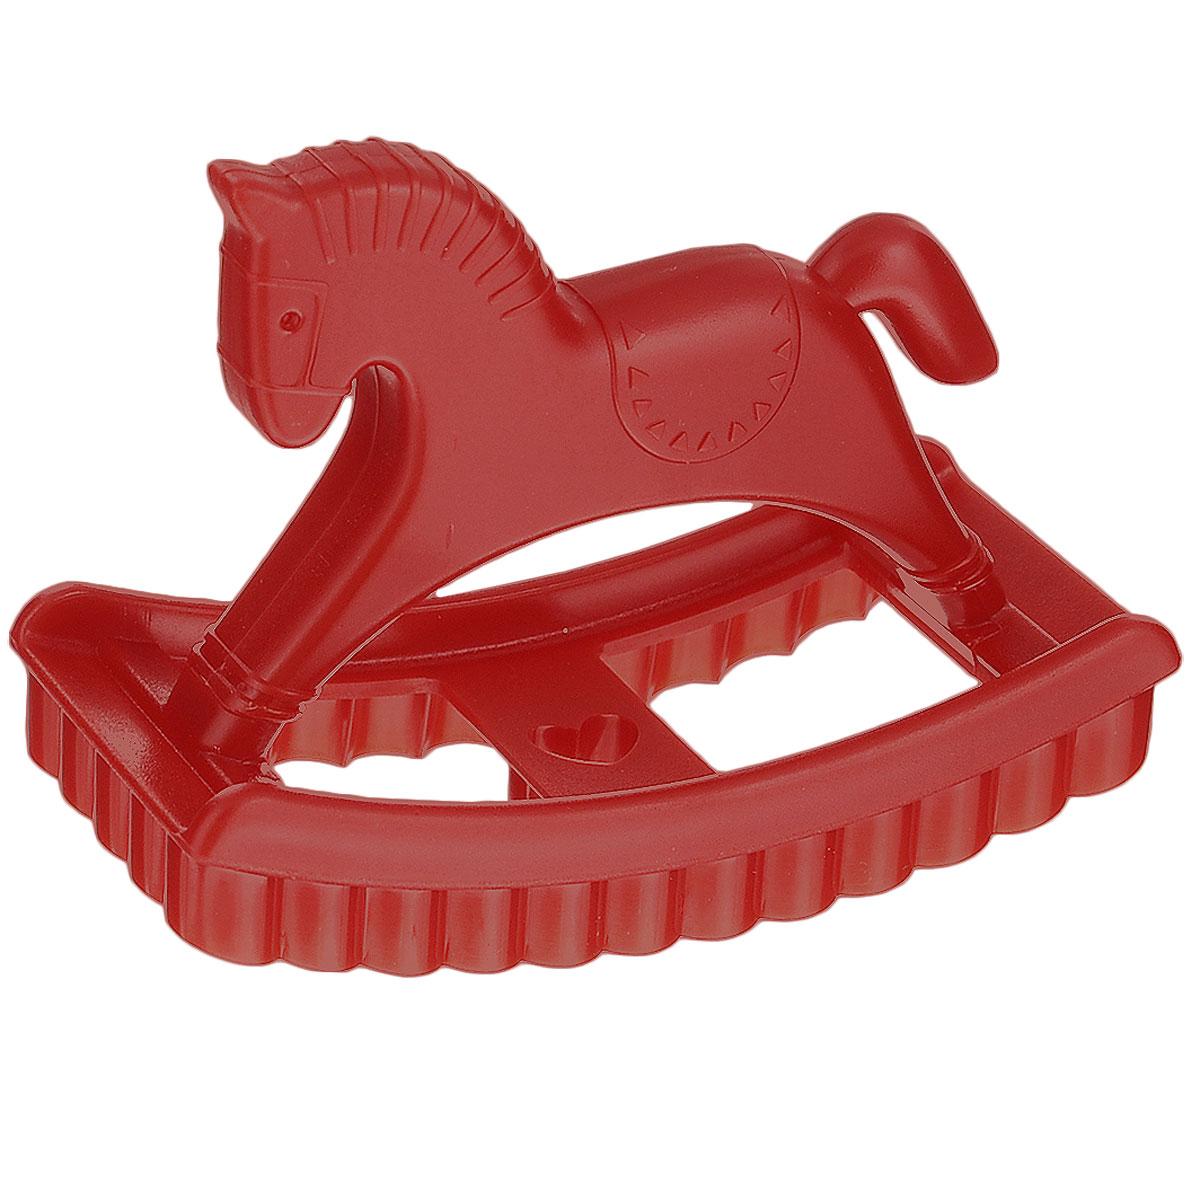 Форма для печенья Ototo Pony, цвет: красныйOT786Самые сладкие воспоминания из детства: лошадка-качалка и мамино ароматное печенье. Почему бы не совместить их вместе? Чудесная форма Ototo Pony, выполненная из пластика, поможет получить симпатичные печенья с сердечком.